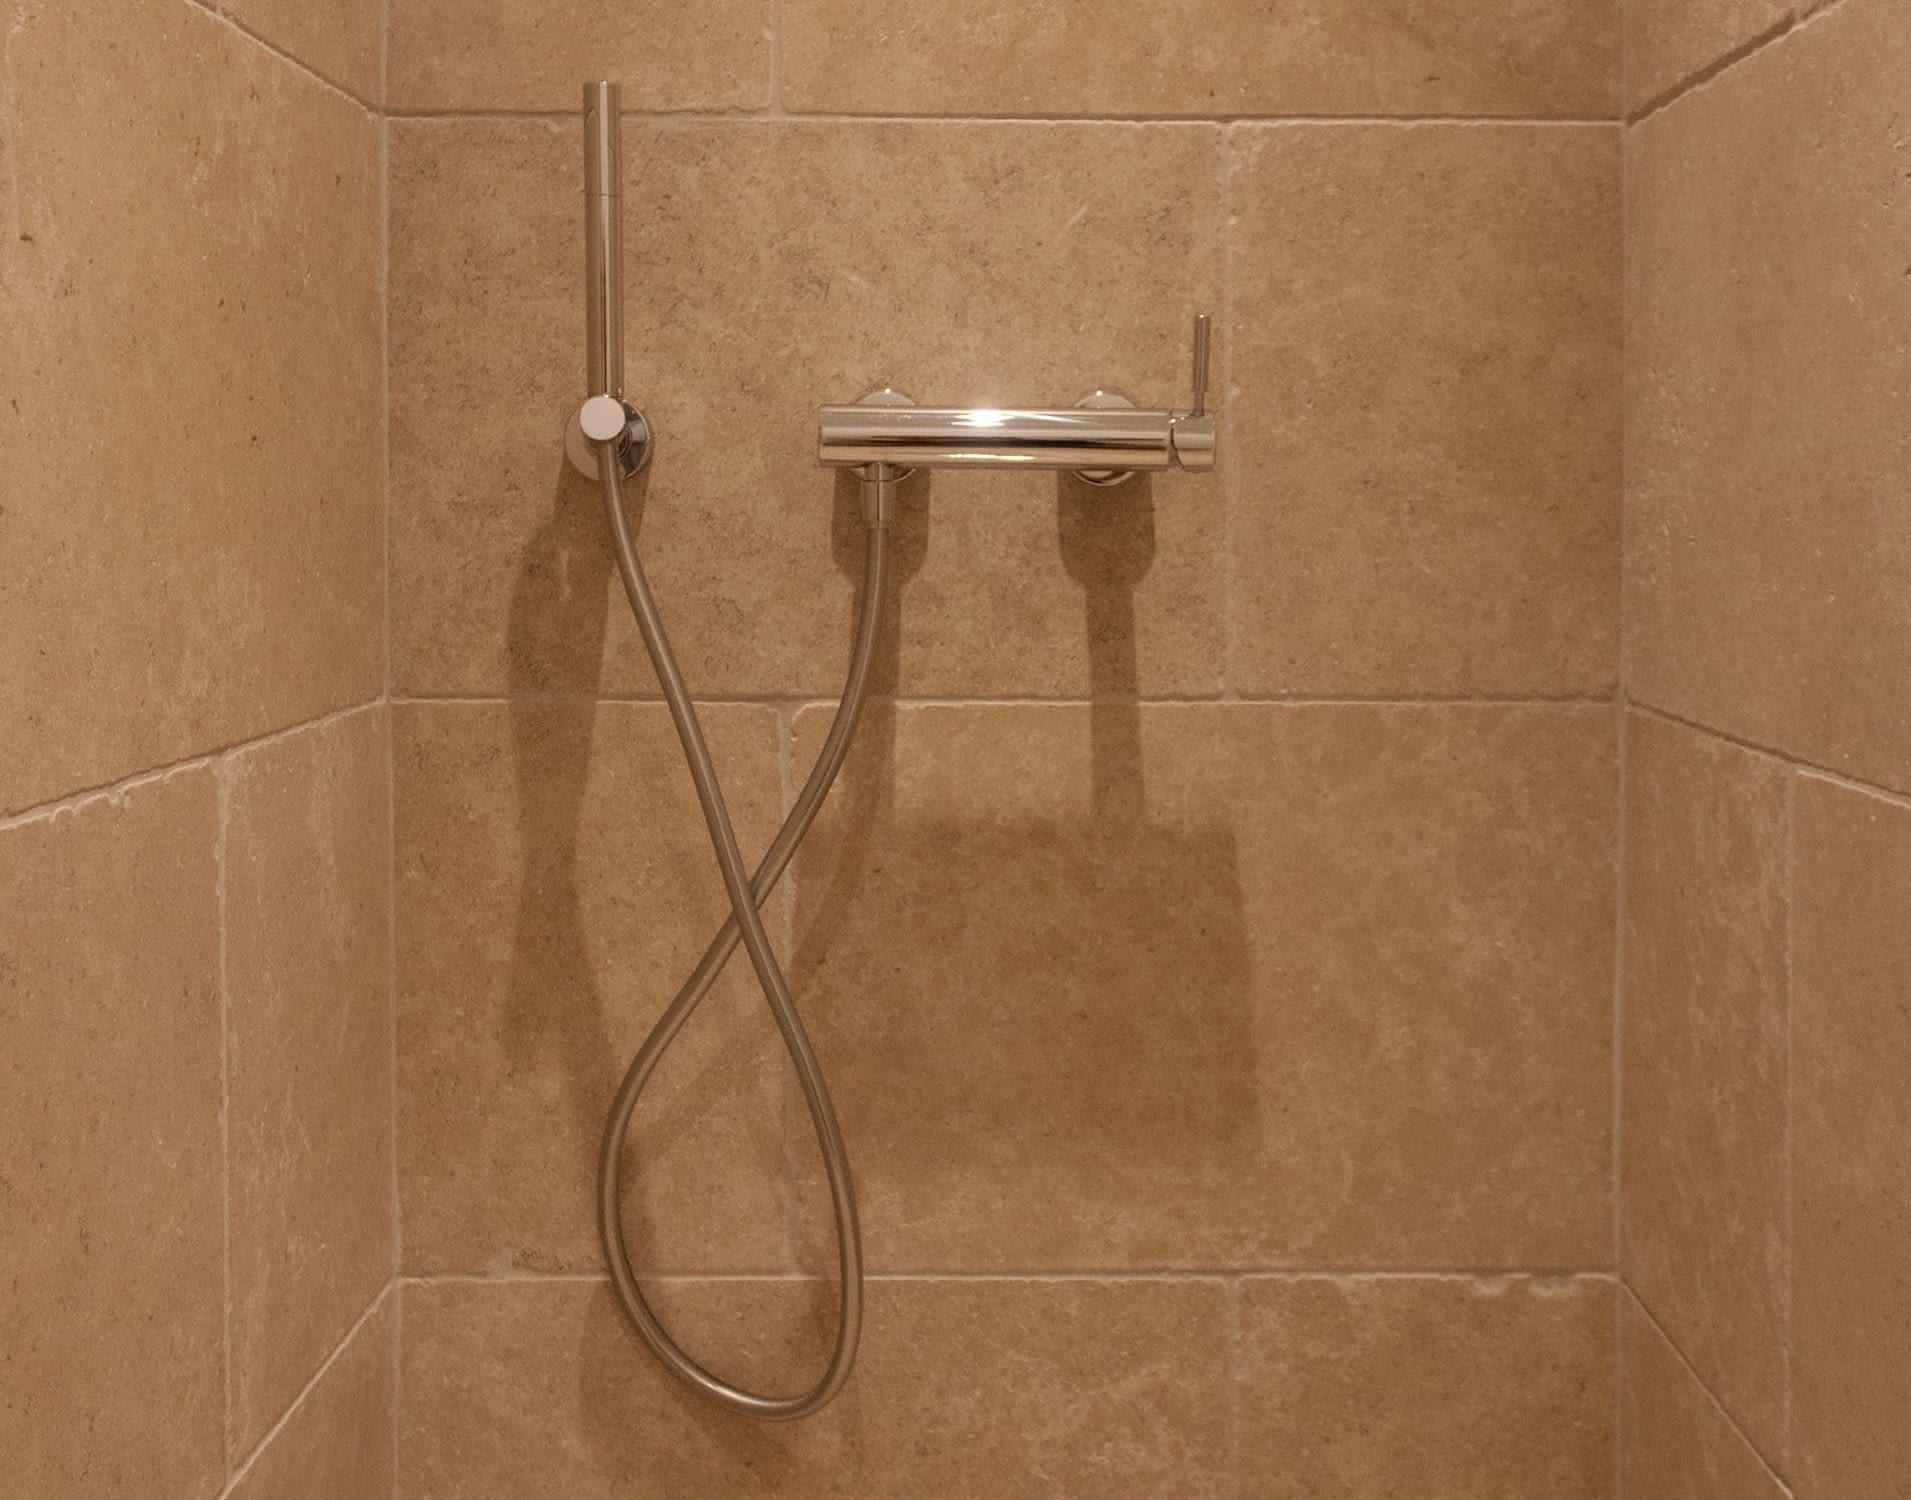 Douche dans salle de bain / Shower in the bathroom